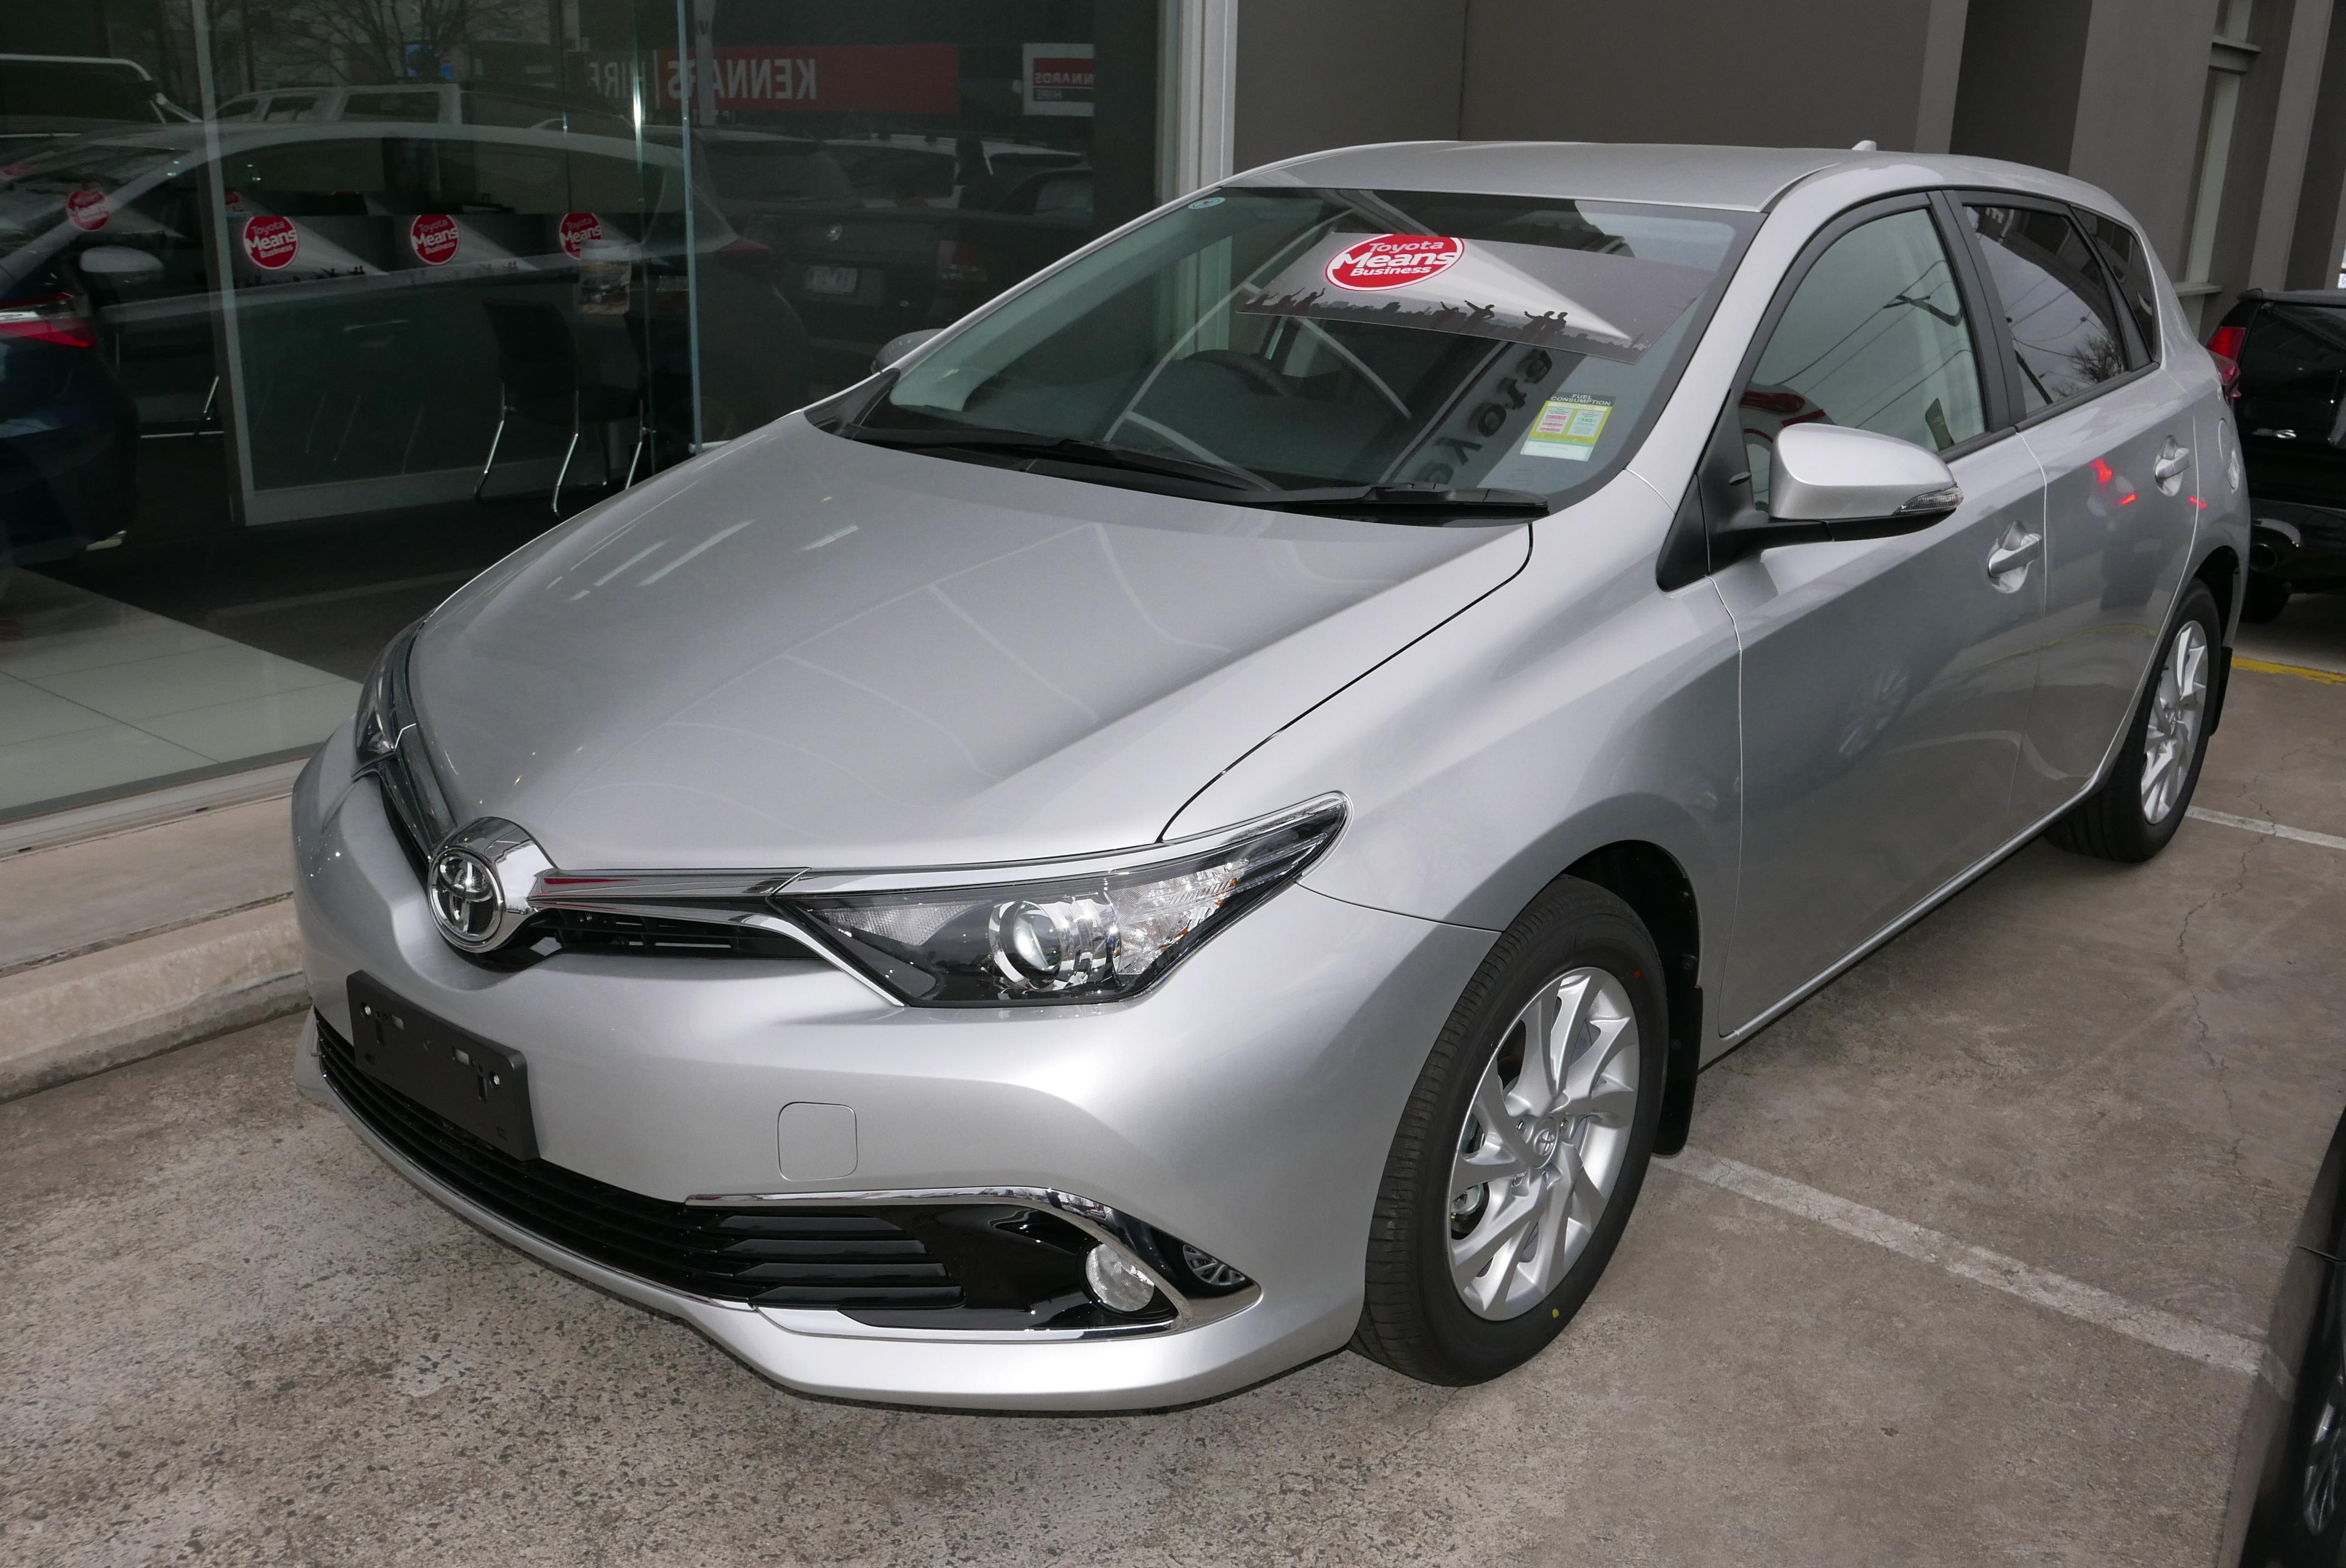 File:2015 Toyota Corolla